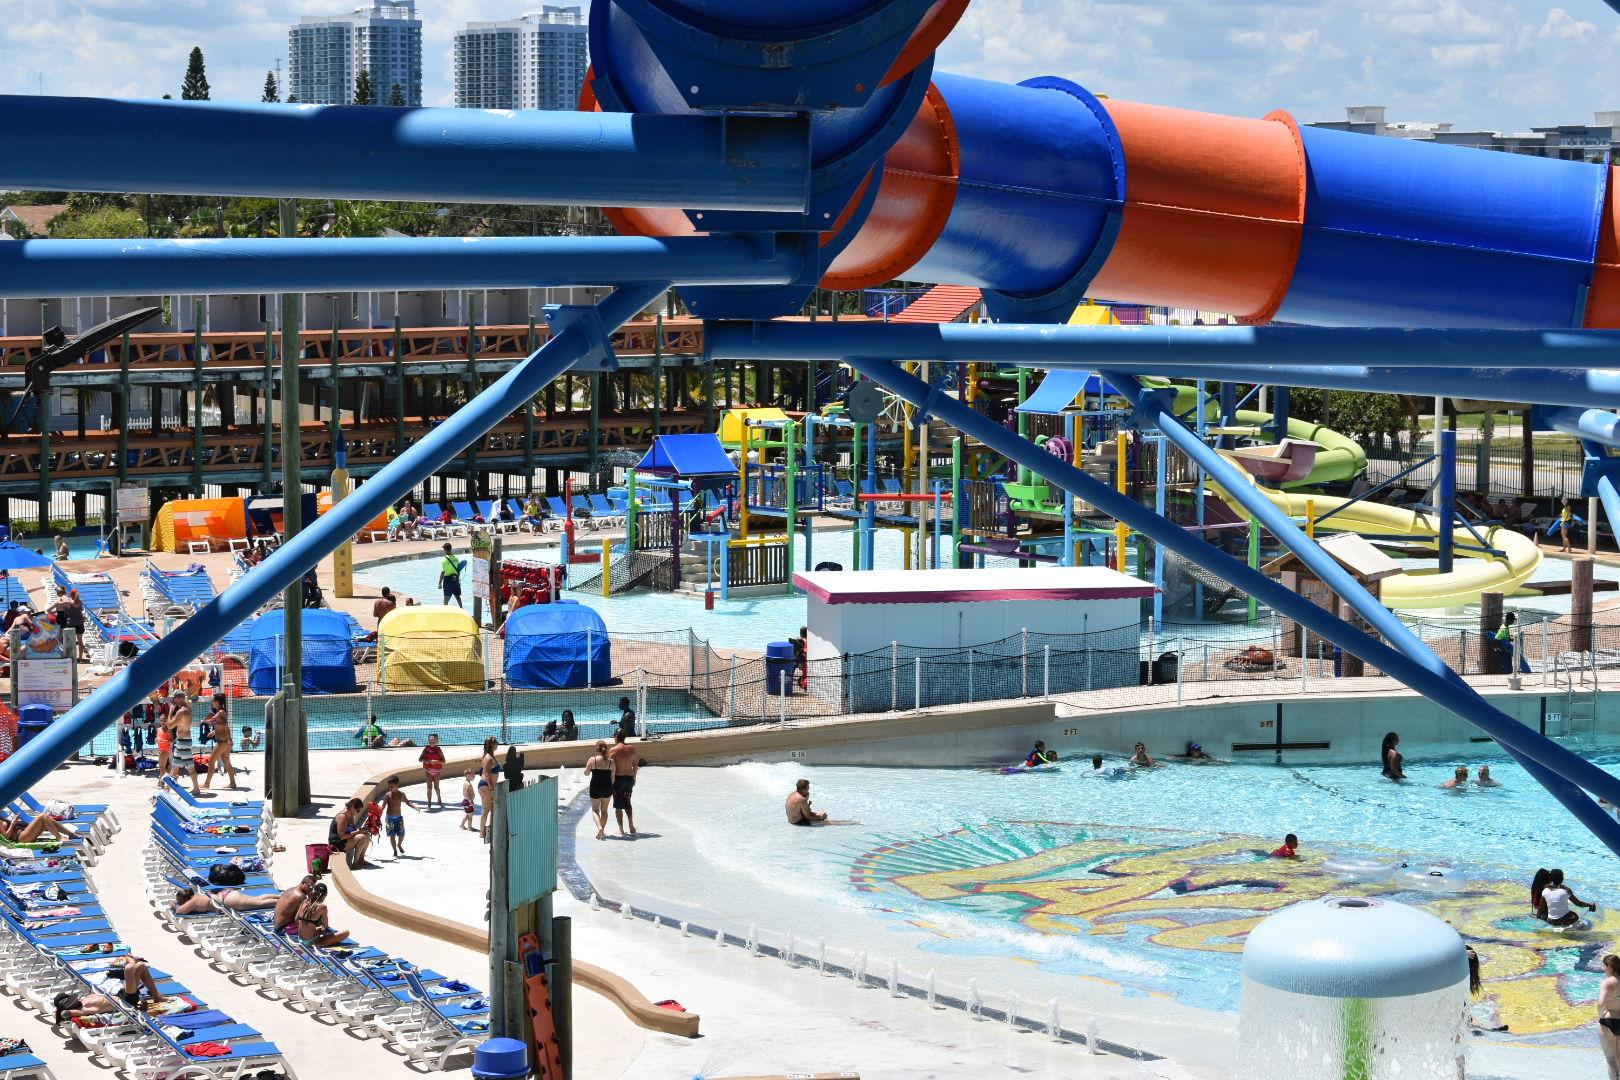 Daytona Lagoon, Daytona, Florida